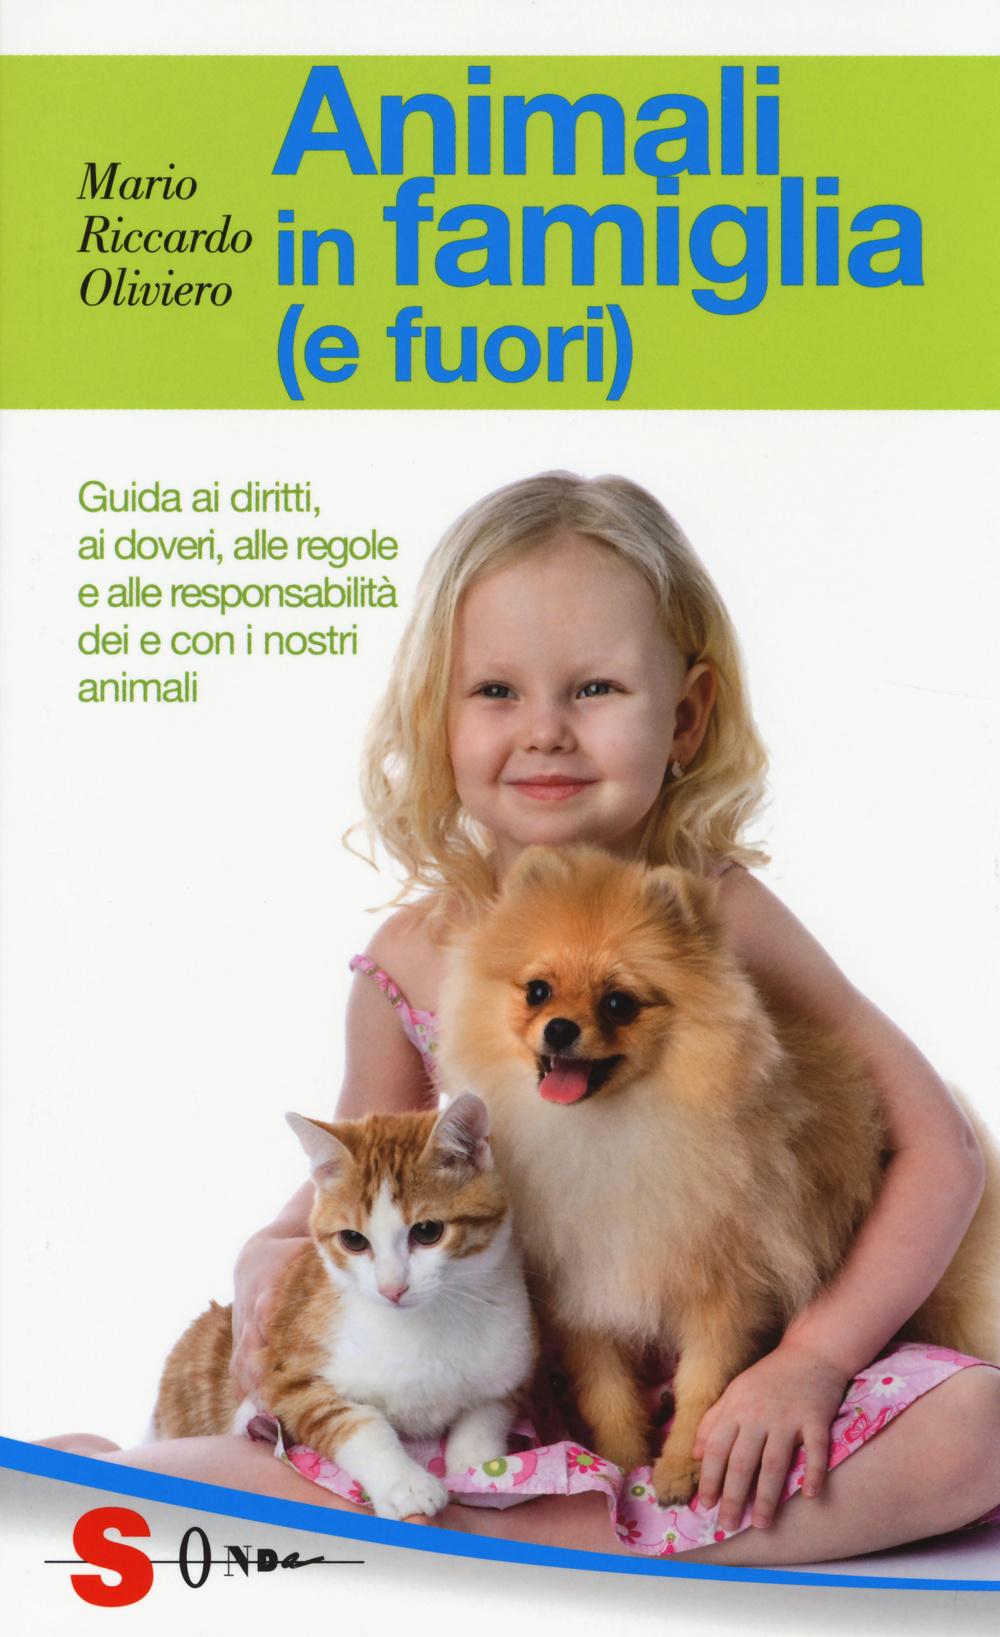 ANIMALI IN FAMIGLIA (E FUORI). GUIDA AI DIRITTI, AI DOVERI, ALLE REGOLE E ALLE RESPONSABILITÀ DEI E CON I NOSTRI ANIMALI - 9788871067087